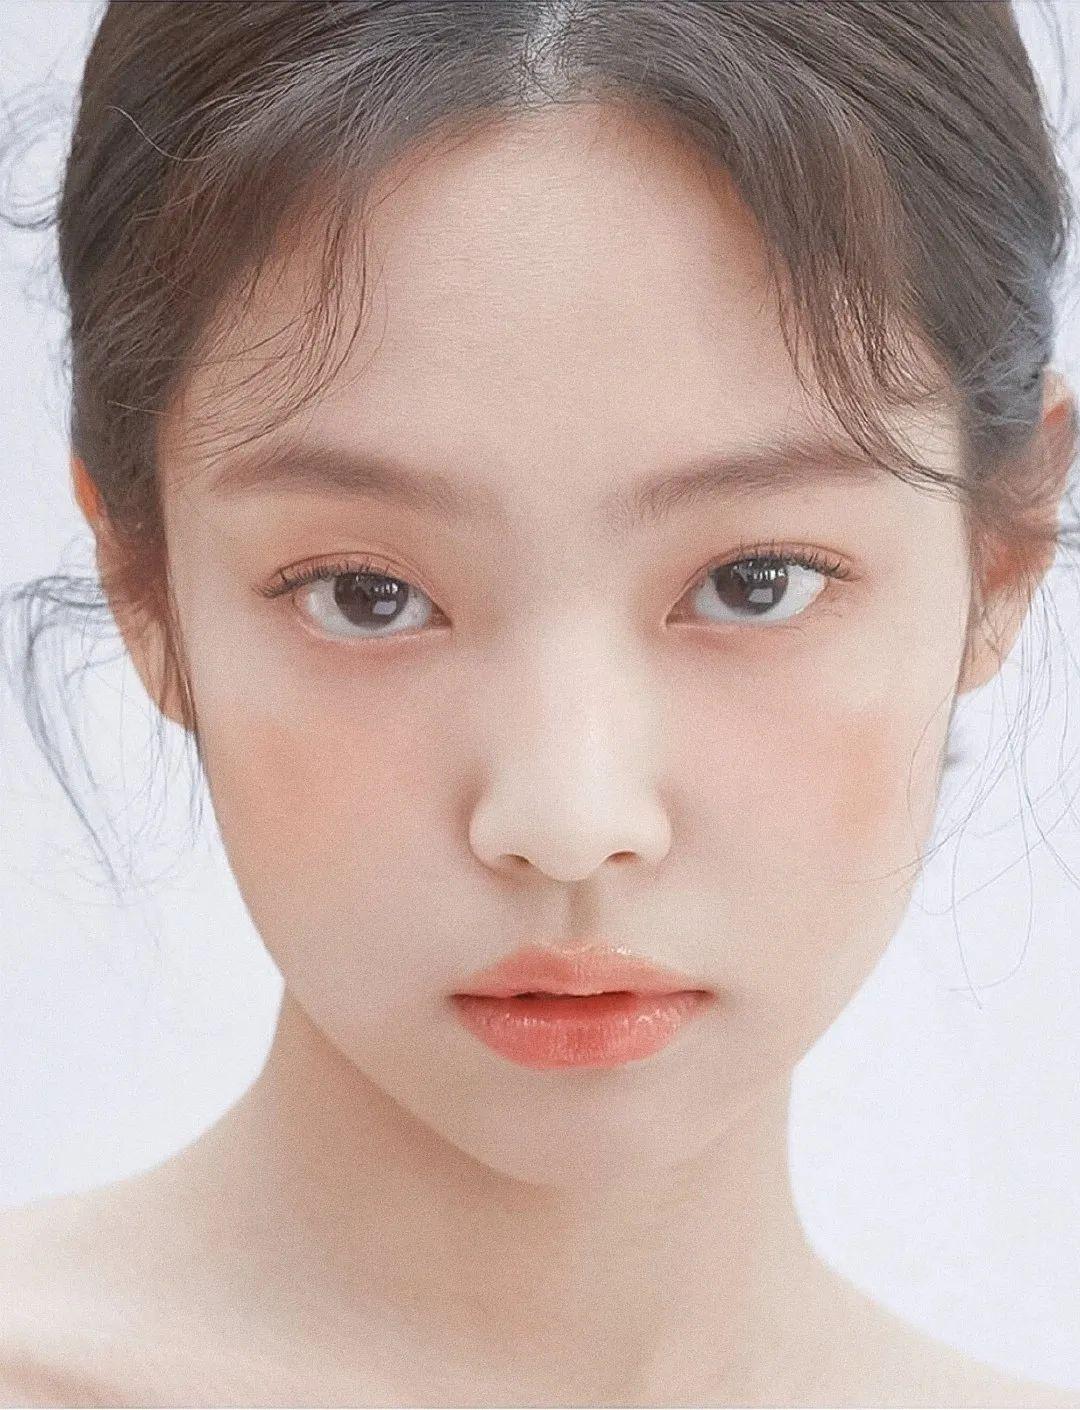 妹子摄影 – Jennie金智妮  美貌小猫咪_图片 No.19